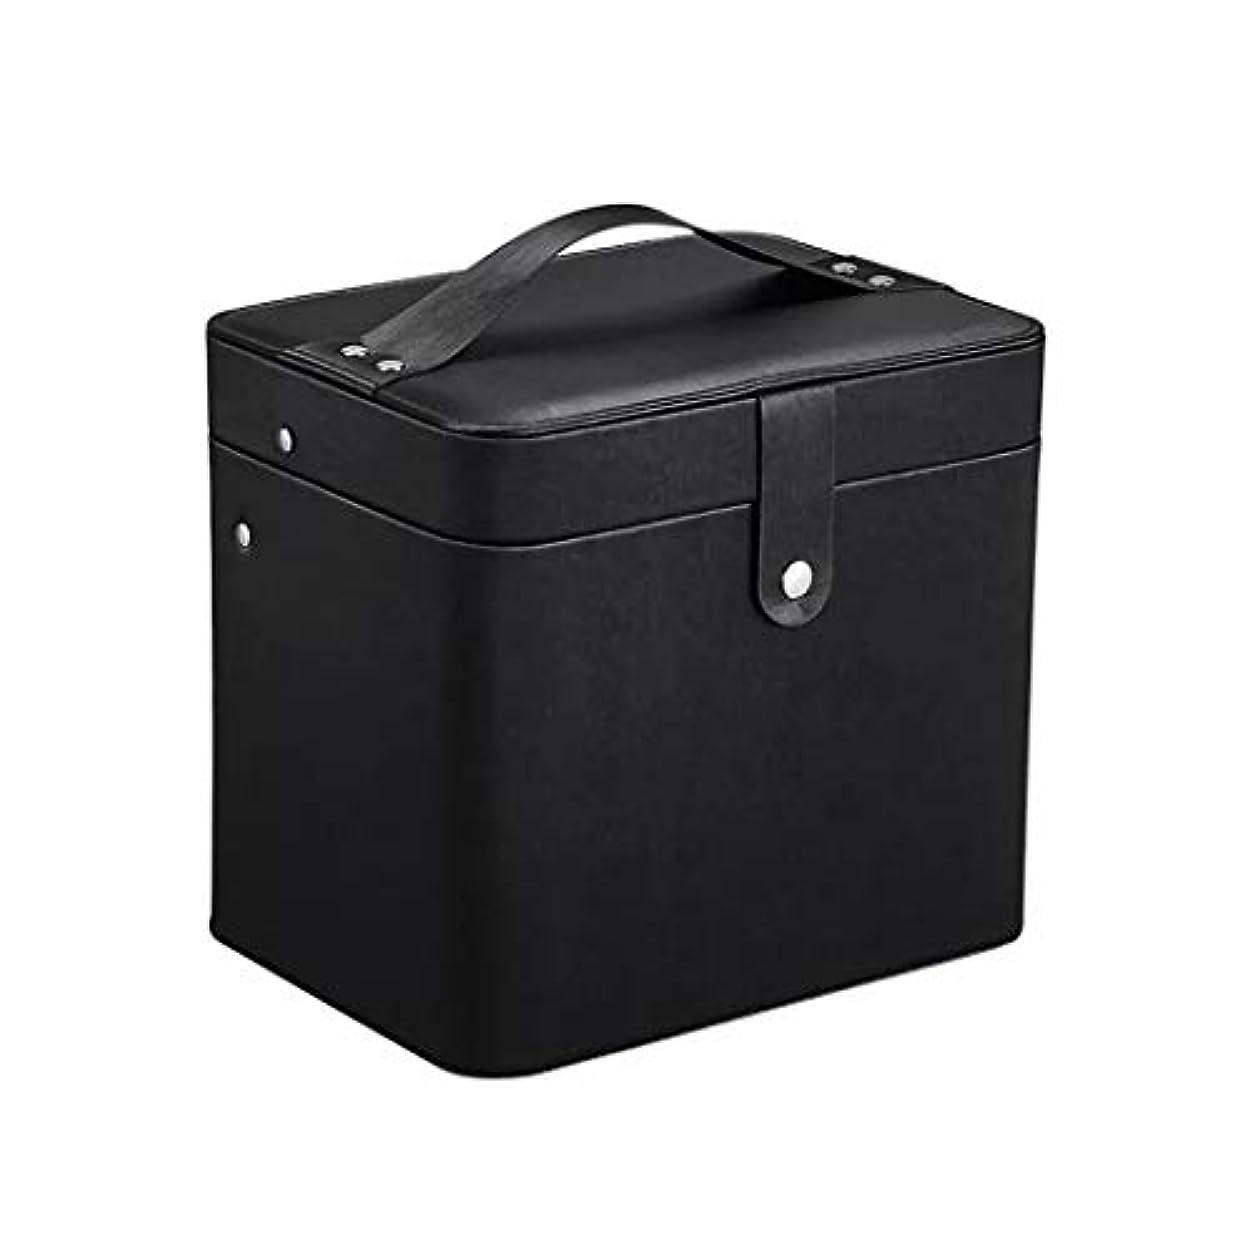 ブレス無人花SZTulip コスメボックス メイクボックス 大容量収納ケース メイクブラシ化粧道具 小物入れ 鏡付き 化粧品収納ボックス (ブラック)